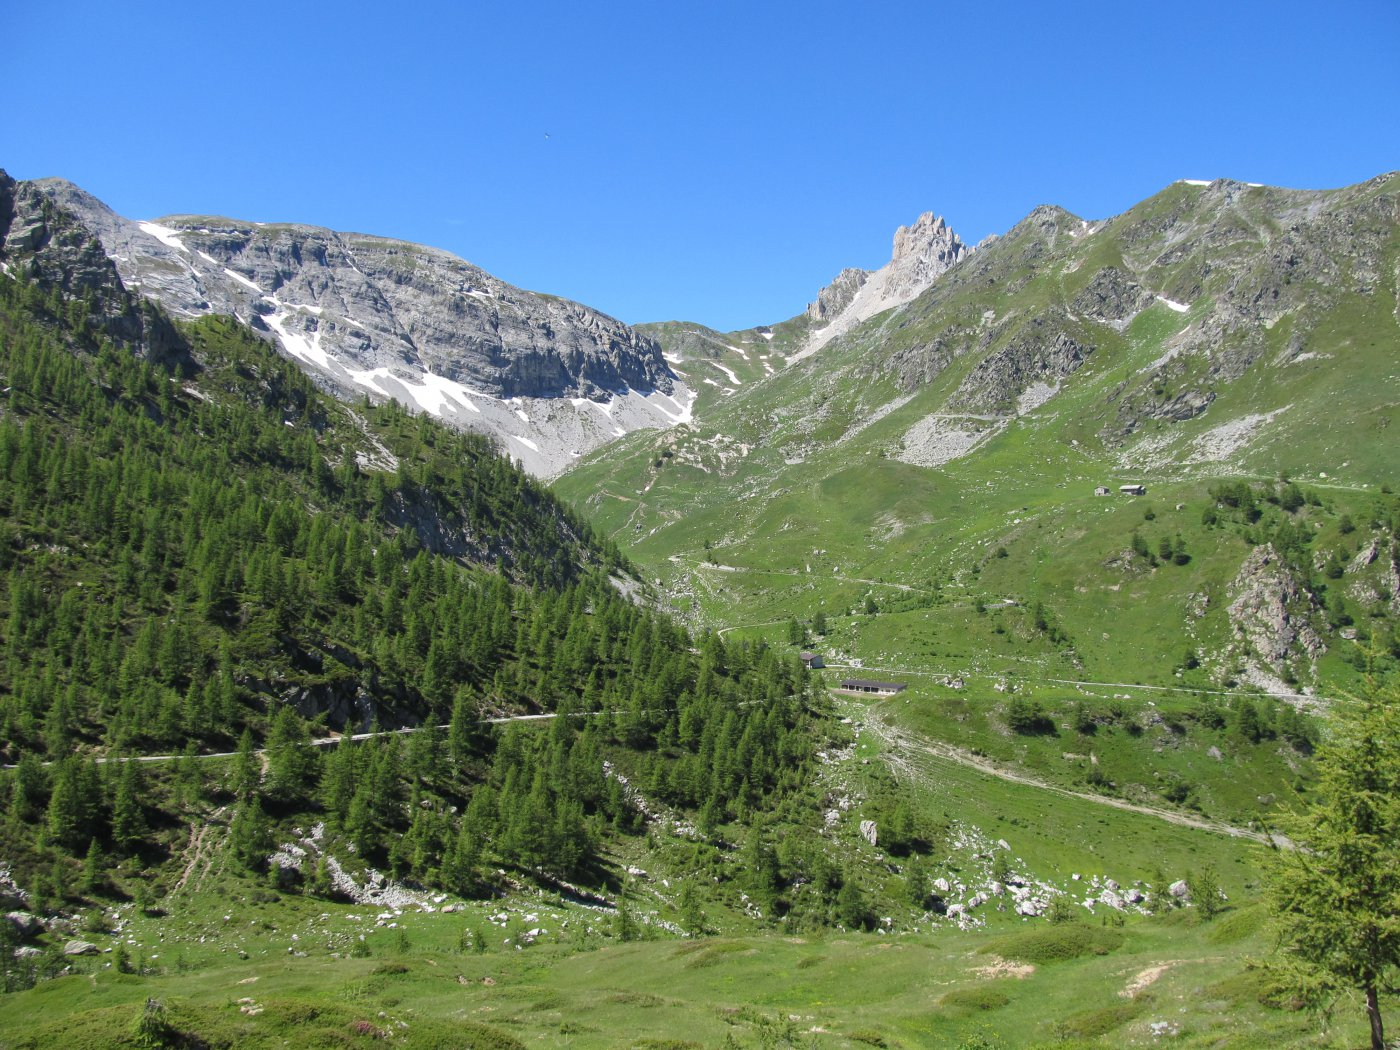 Salendo al Colle d'Esischie, il colle del Mulo e Gias Valanghe in basso.